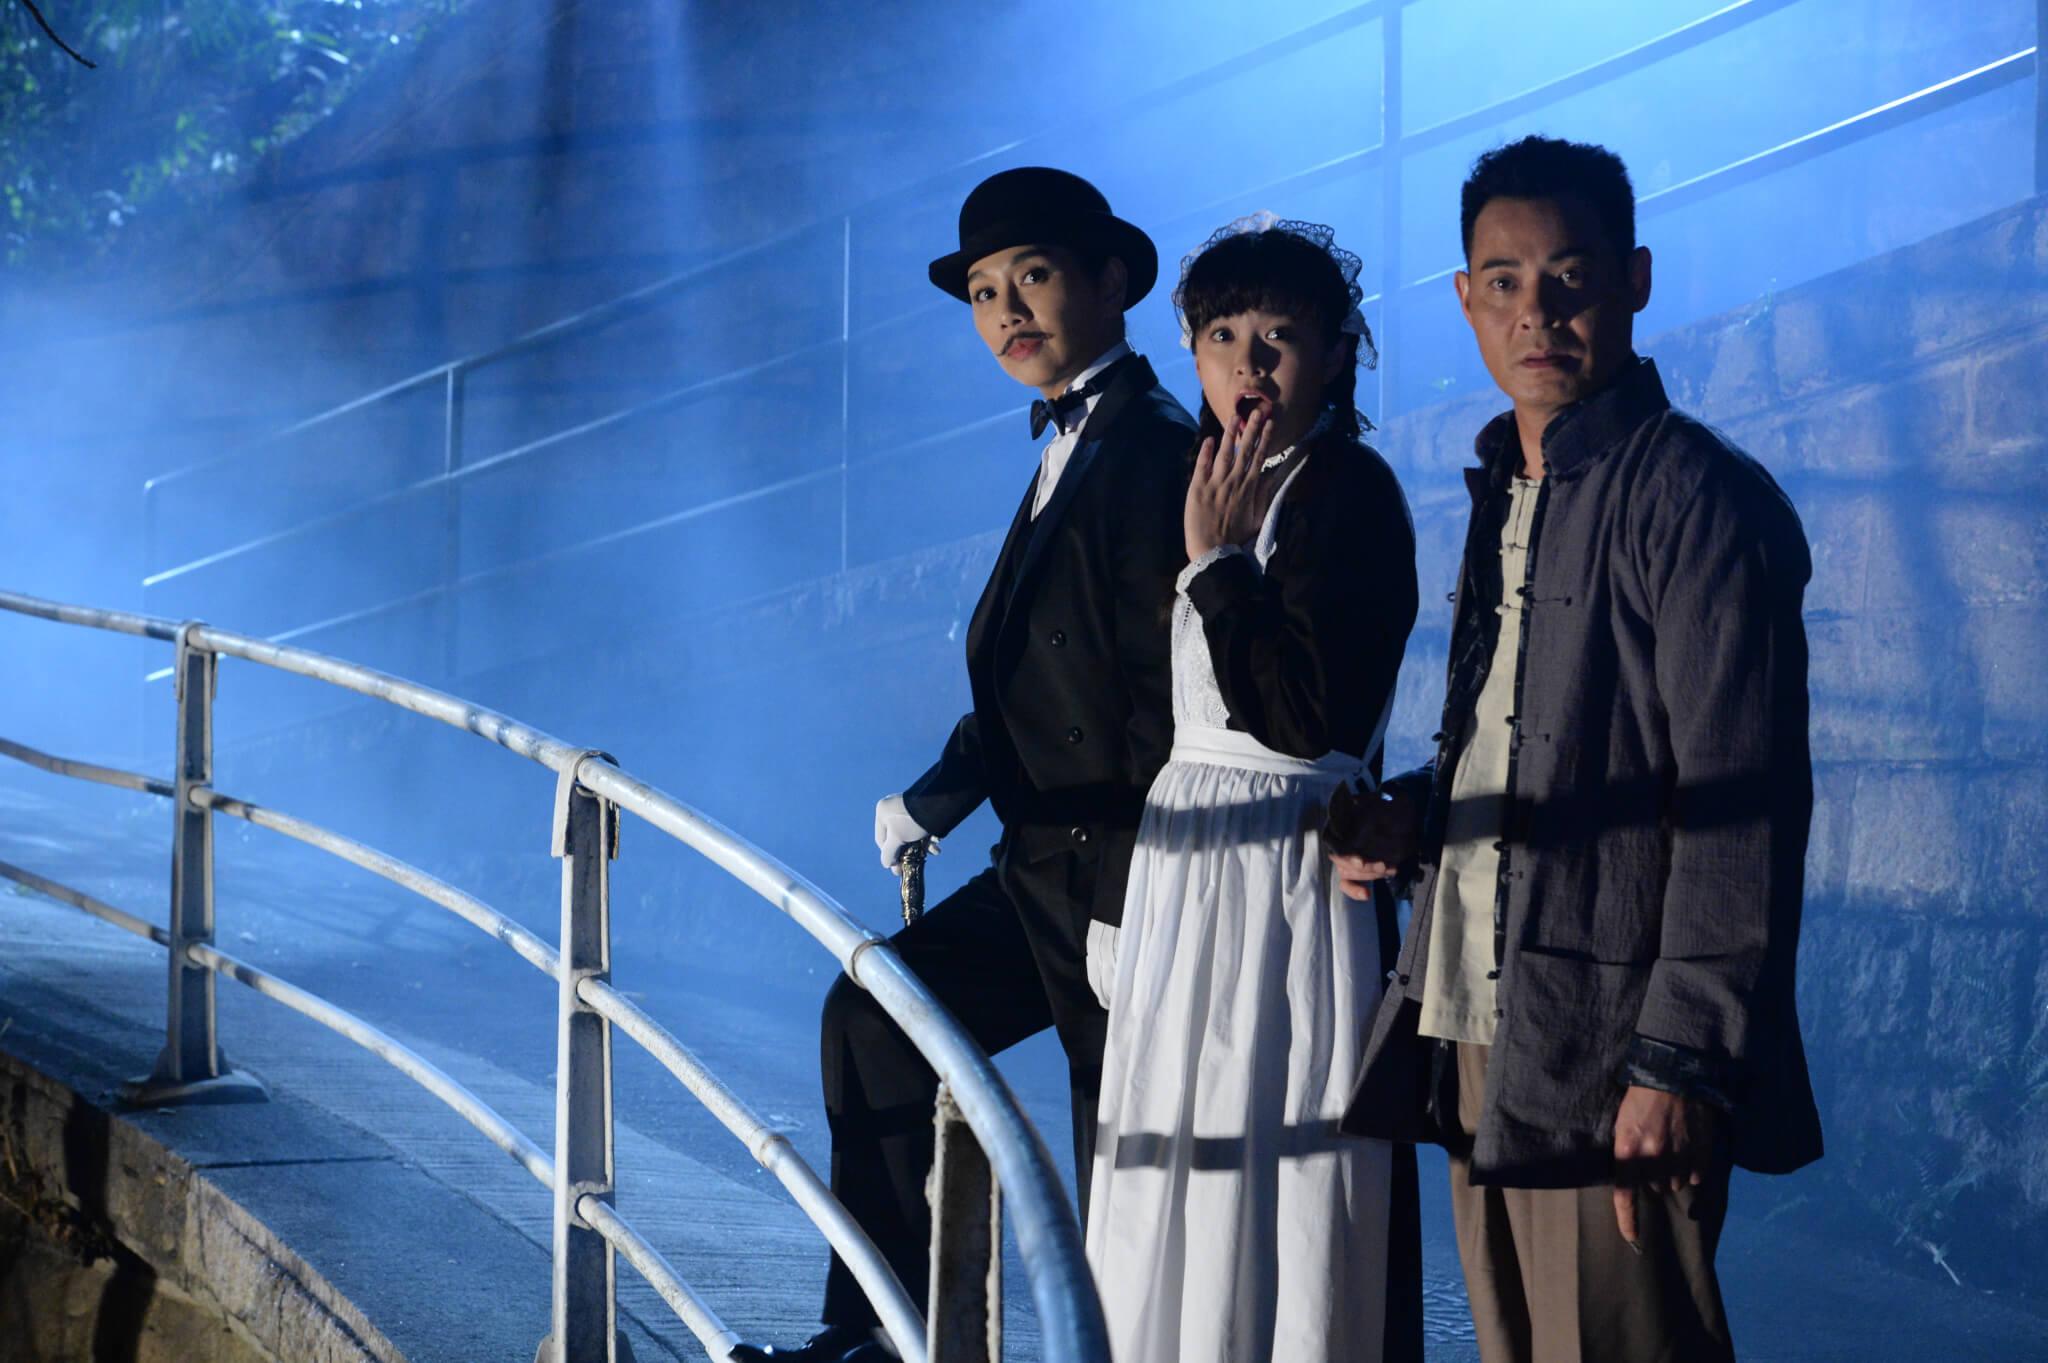 劇中松松與江嘉敏及黃智賢有不少對手戲,為了查案更反串紳士。